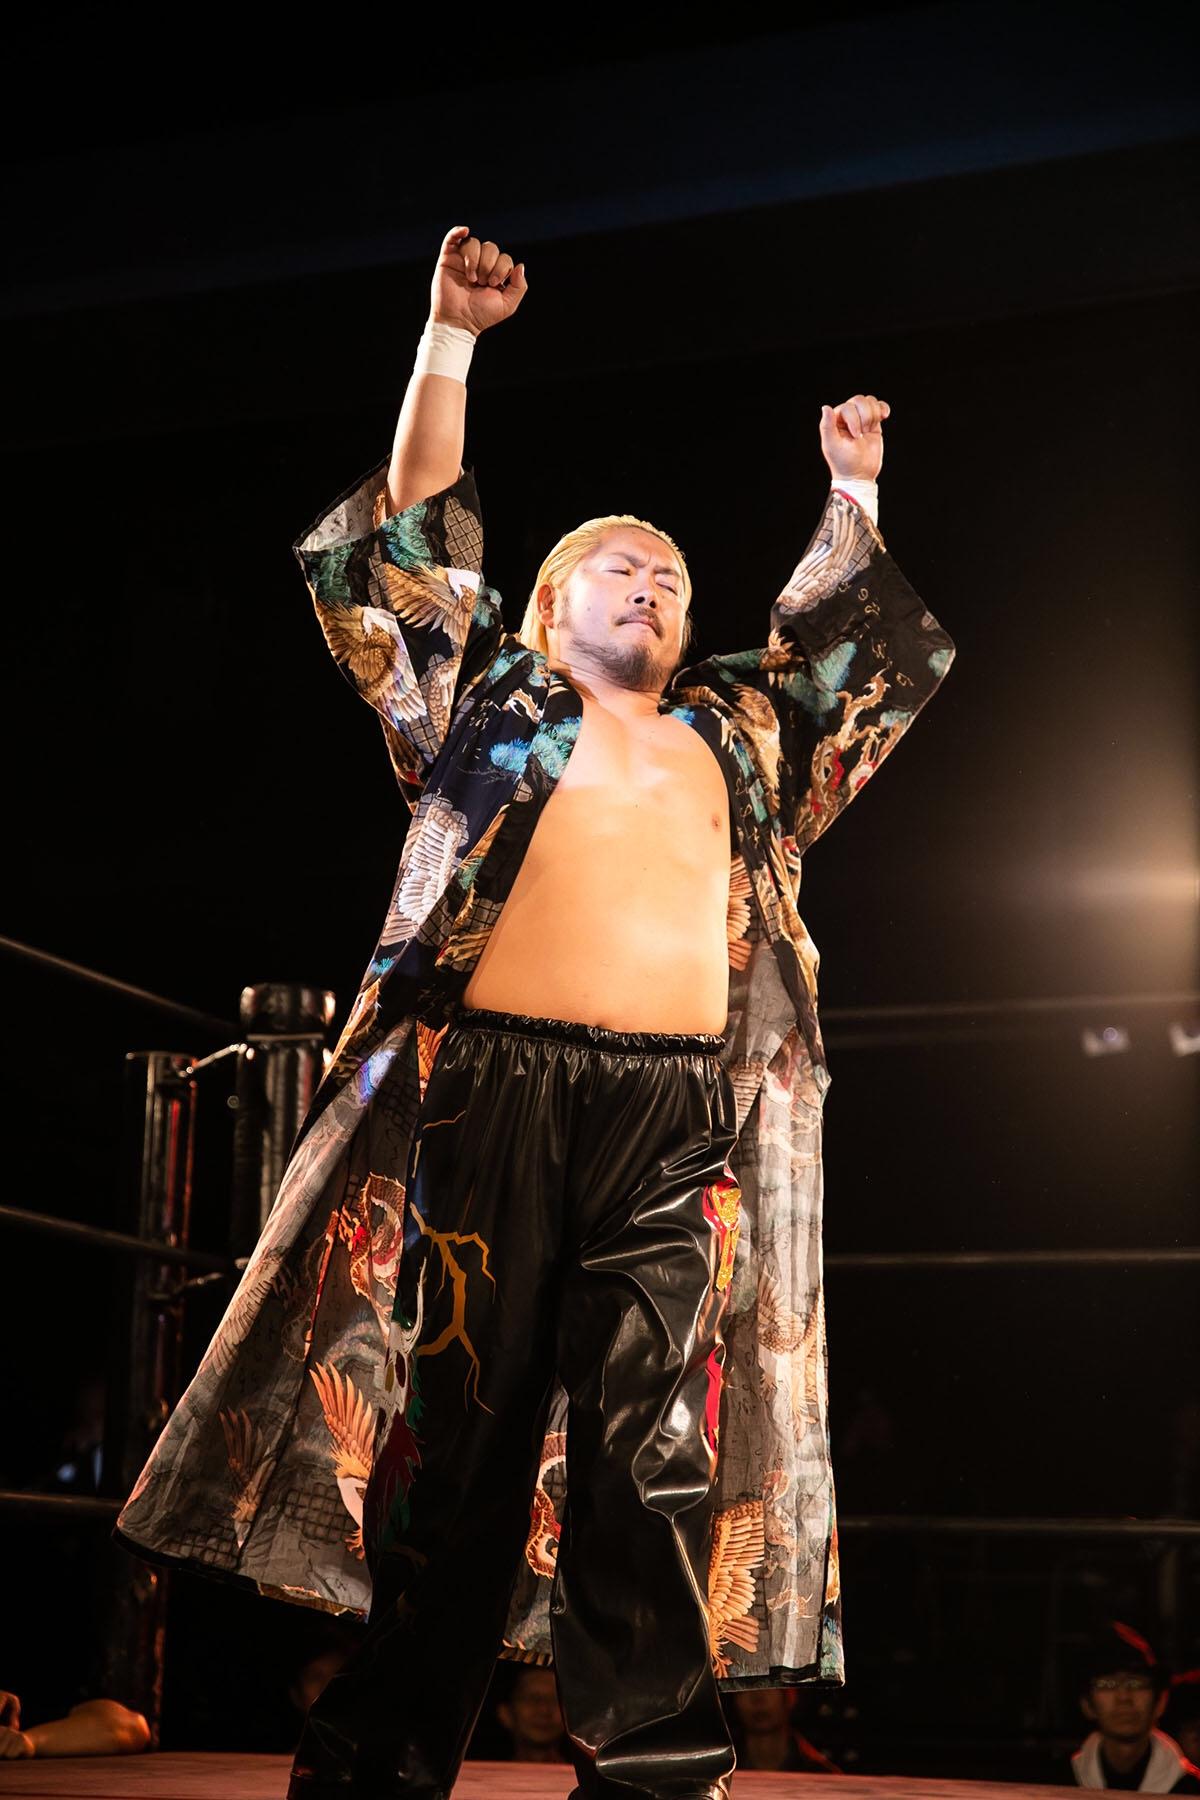 10月25日・新宿FACE大会に影山道雄、蓮香誠の参戦が決定!